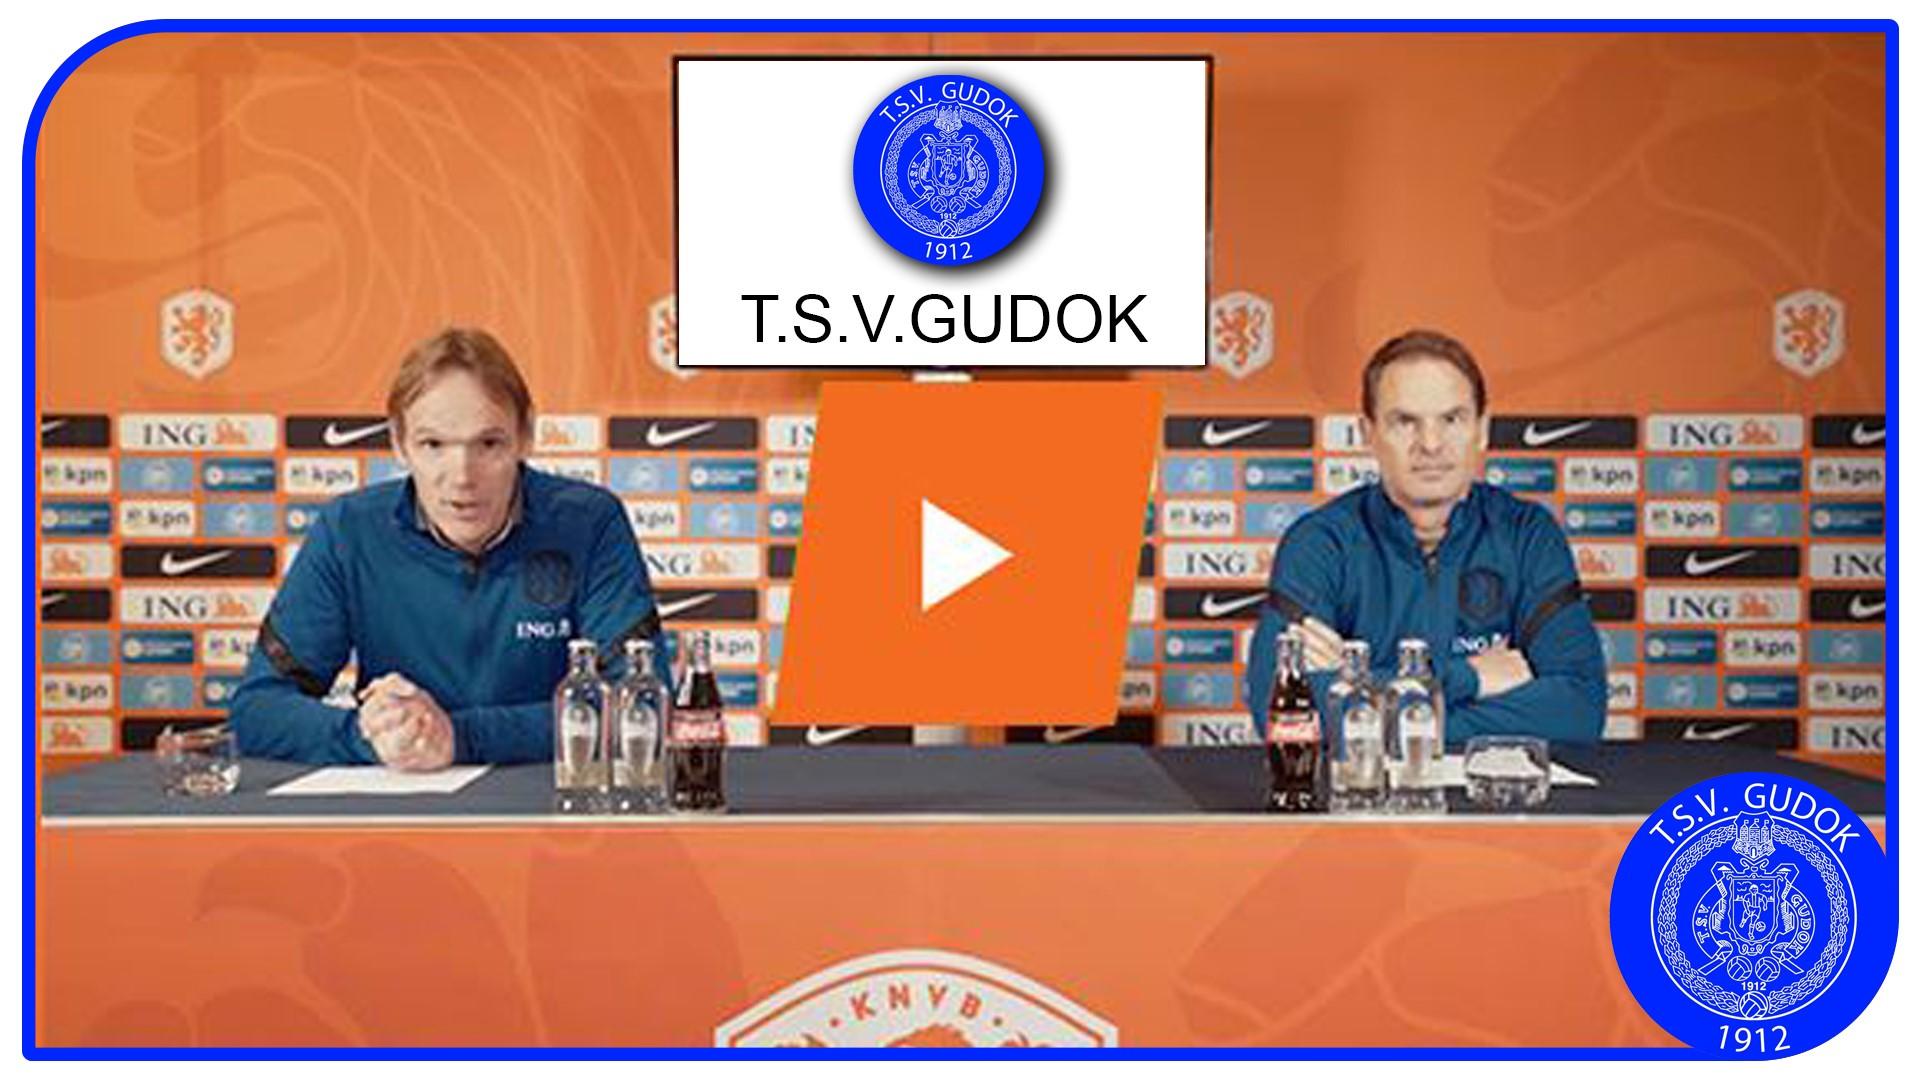 Speciale boodschap voor de vrijwilligers van TSV Gudok